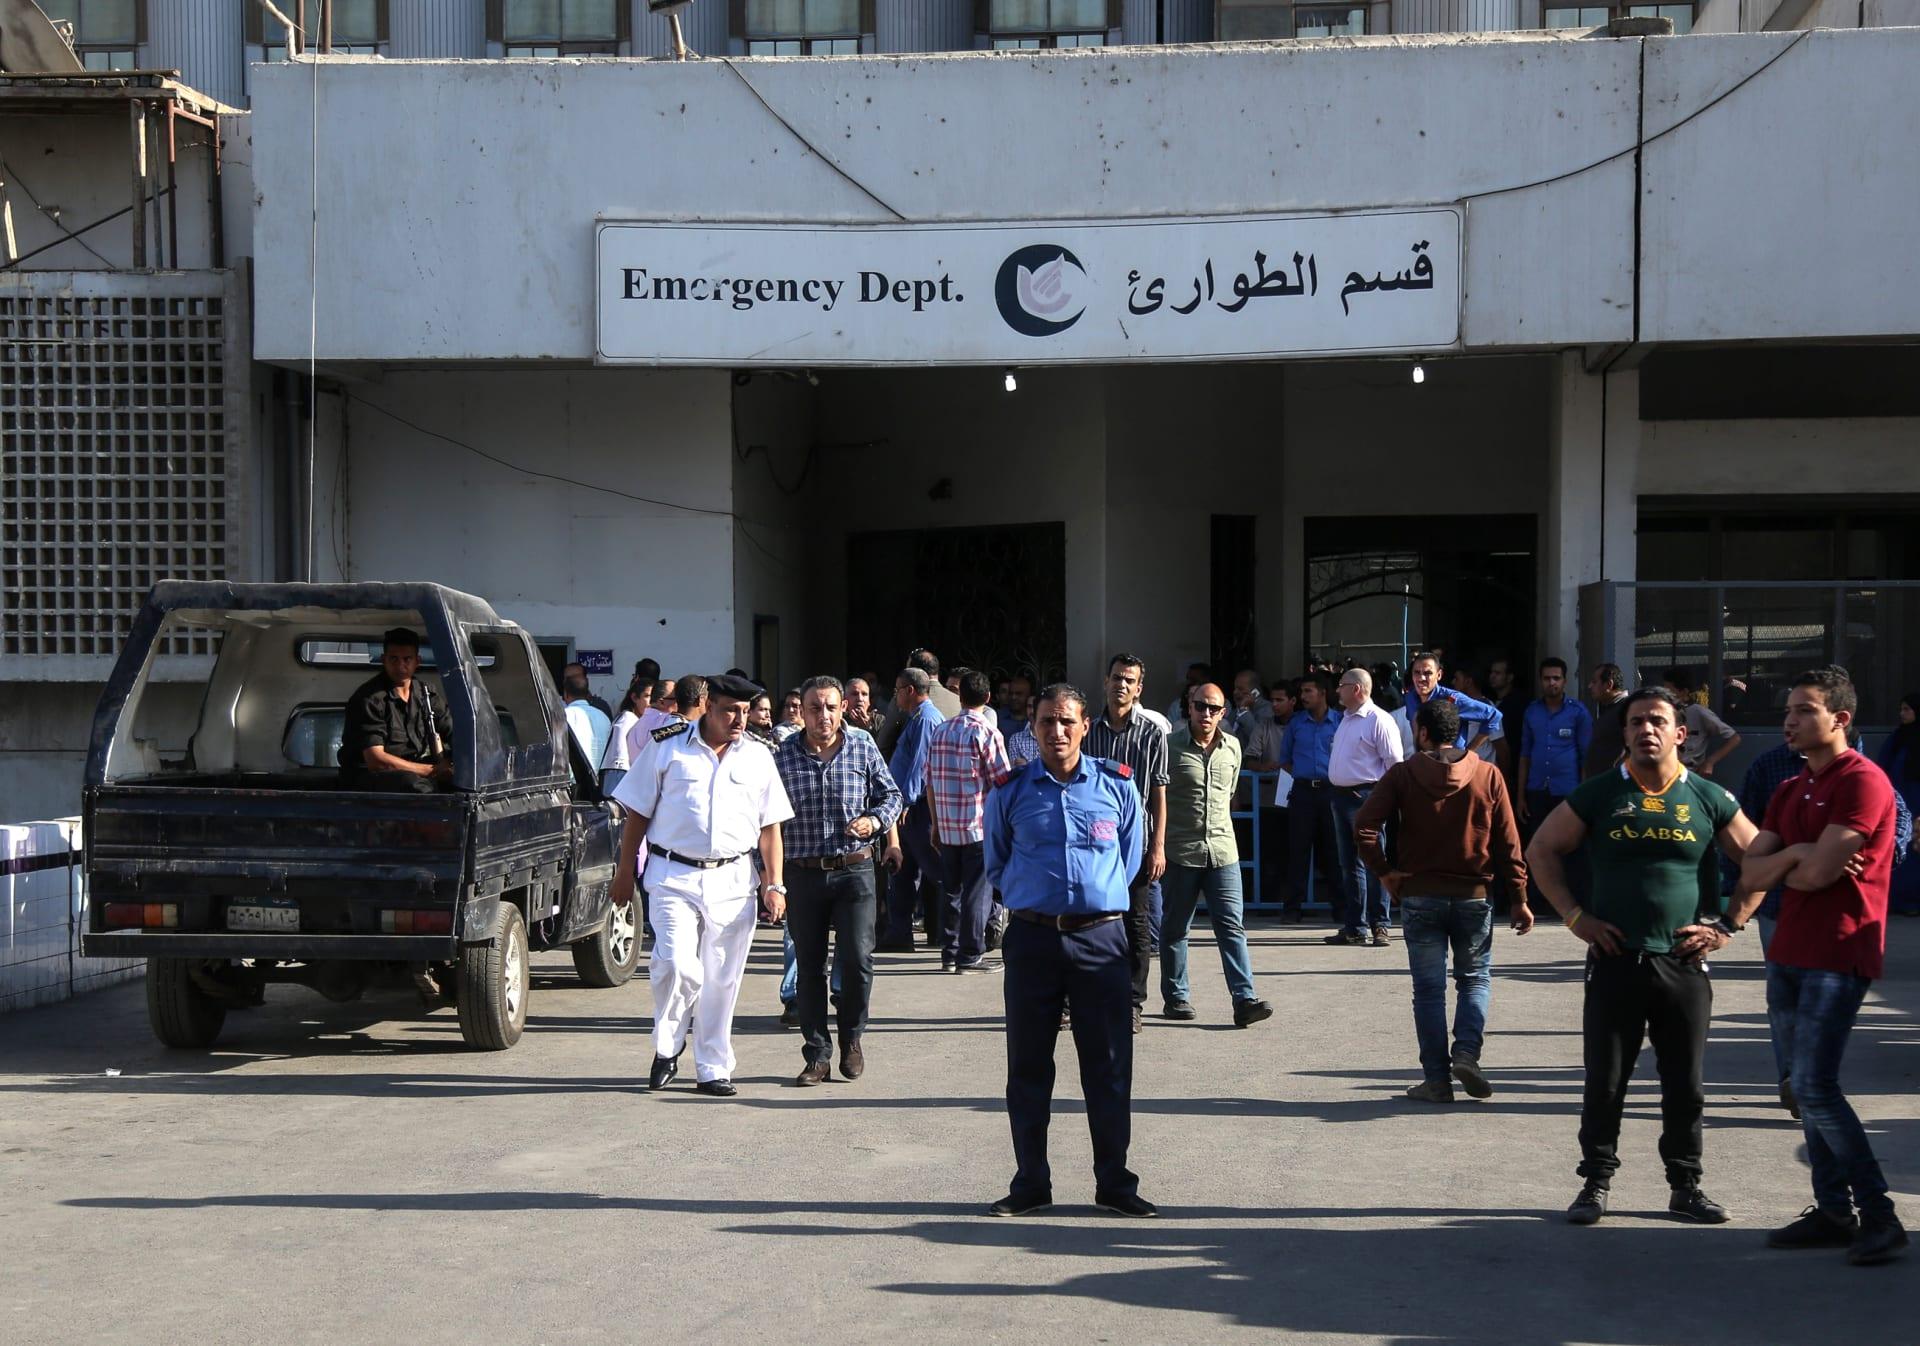 """وزيرة الصحة تصدر قرار إذاعة """"السلام الجمهوري"""" في المستشفيات.. ومغردون يسخرون"""